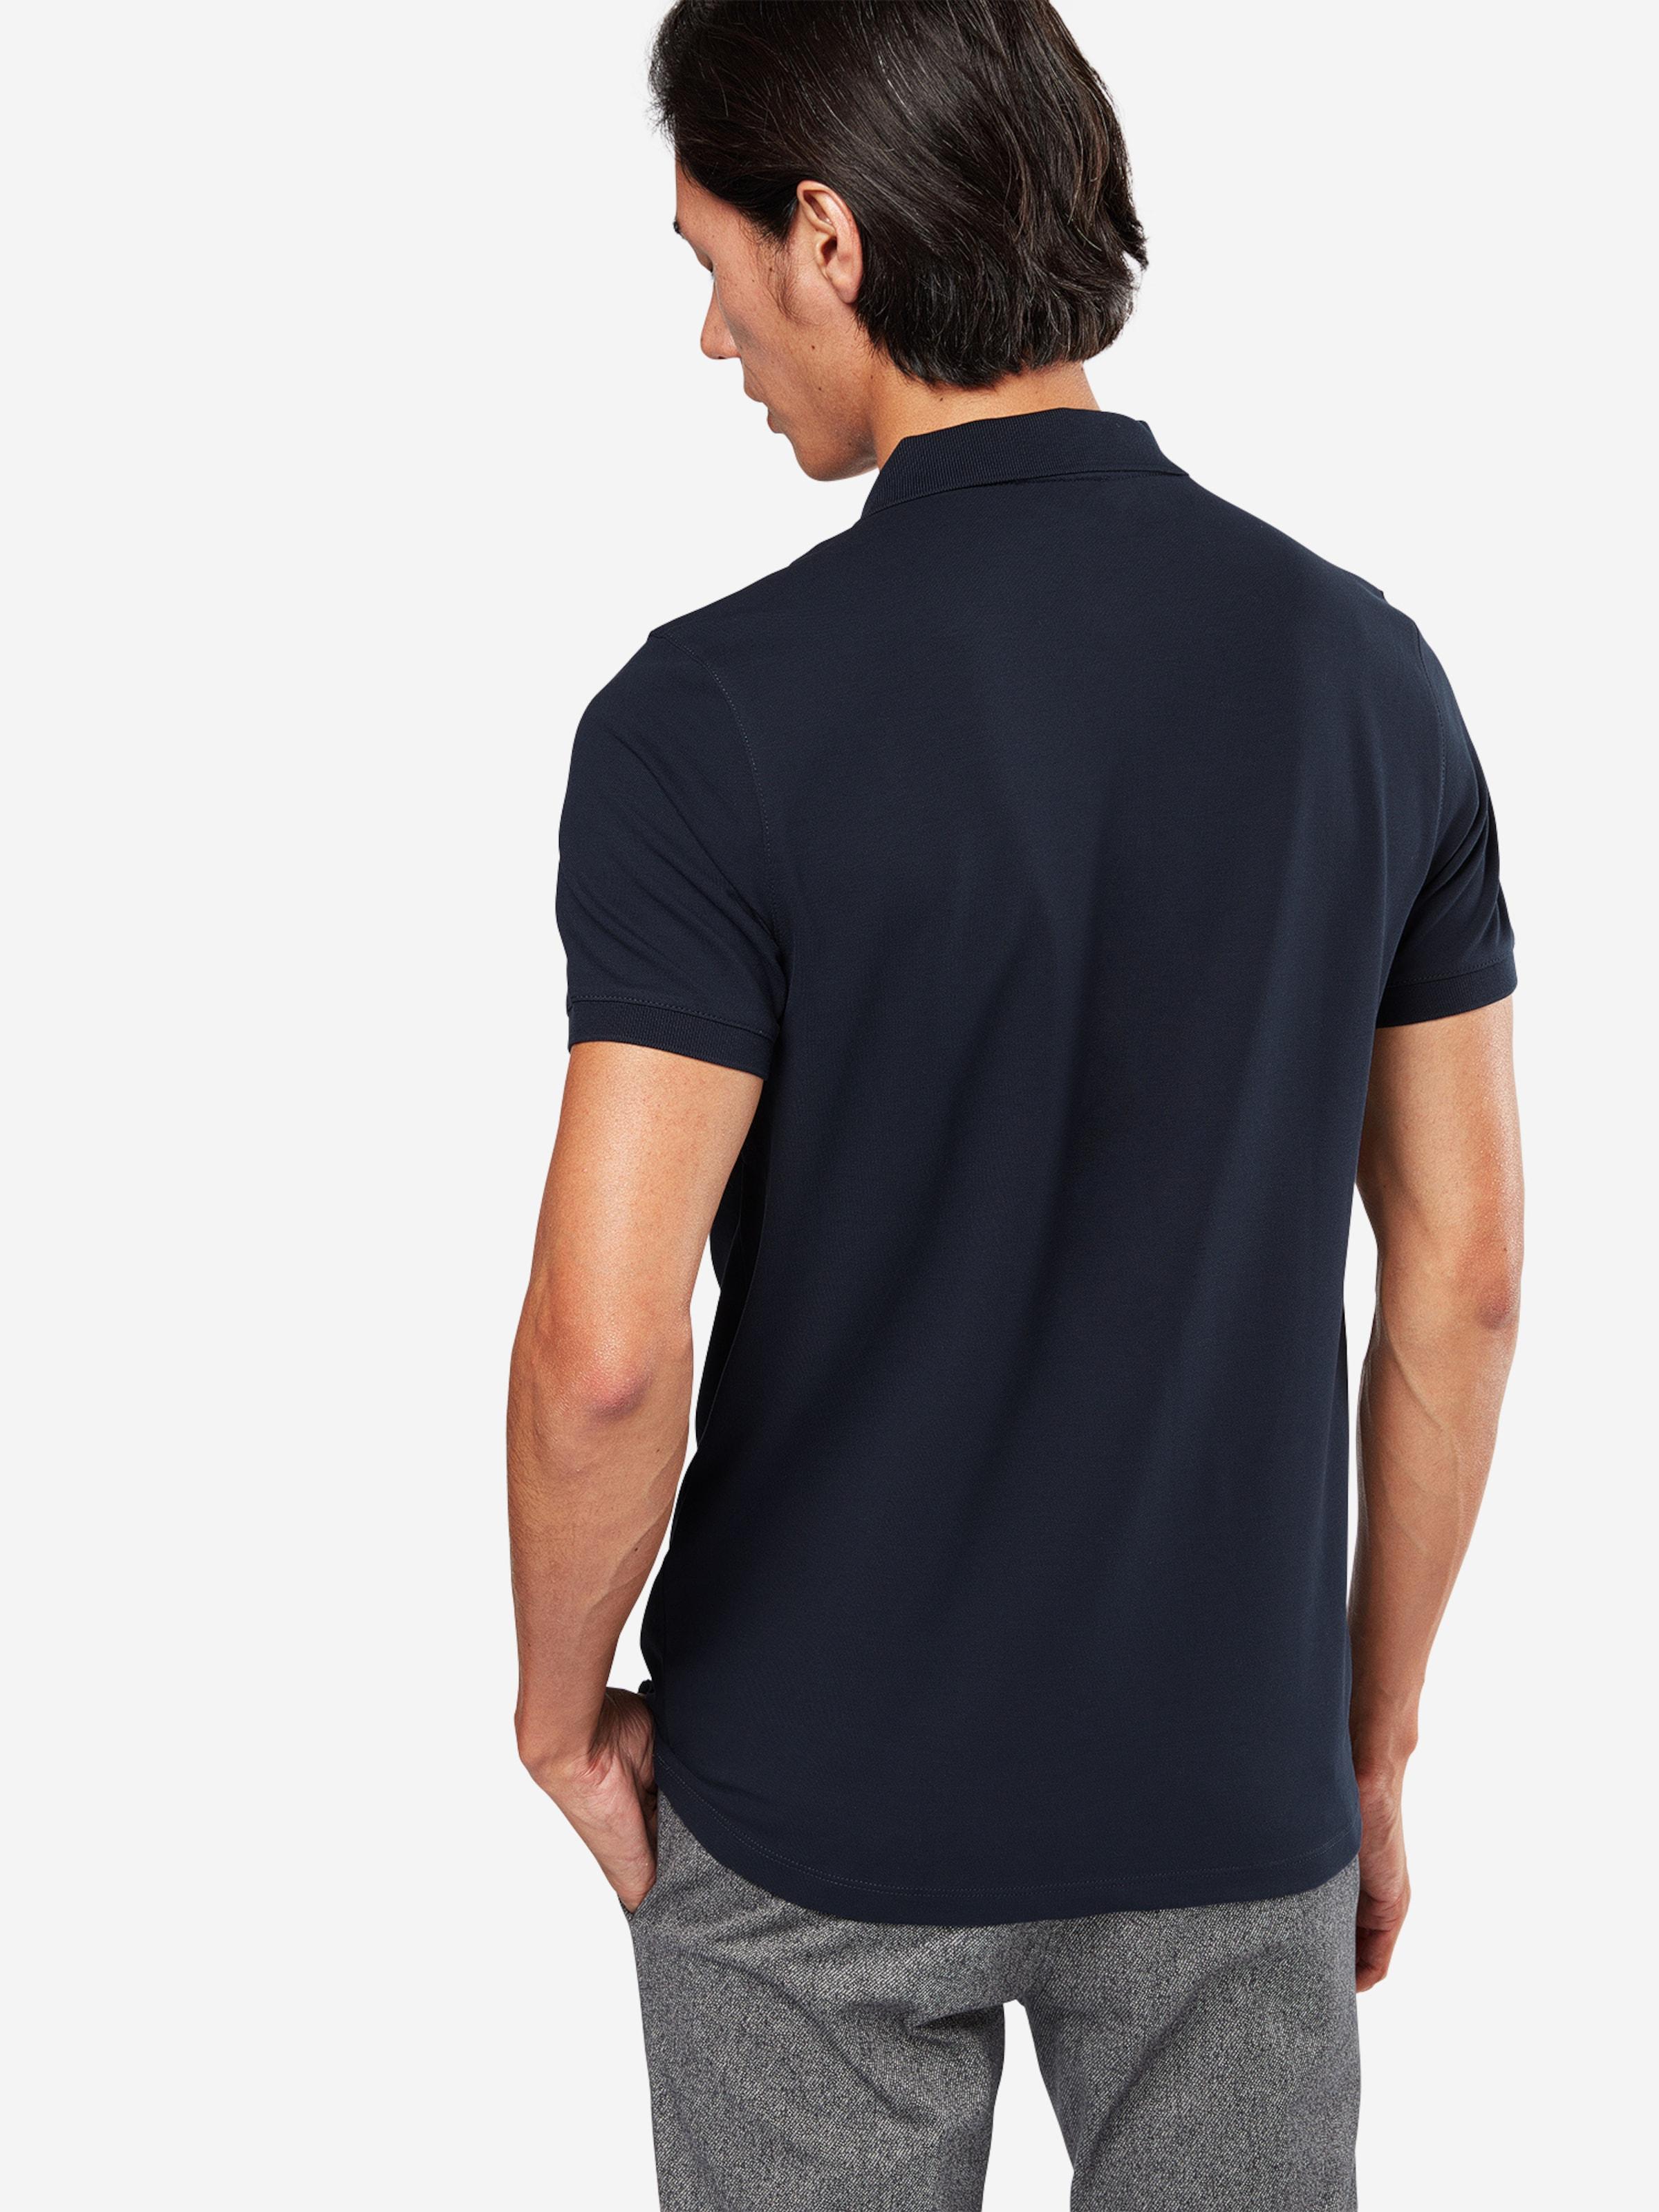 SELECTED HOMME Poloshirt 'DAMON' Neue Ankunft Zum Verkauf Outlet Online Bestellen Günstig Kaufen Mit Mastercard Spielraum Klassisch C2YiXXsBvM